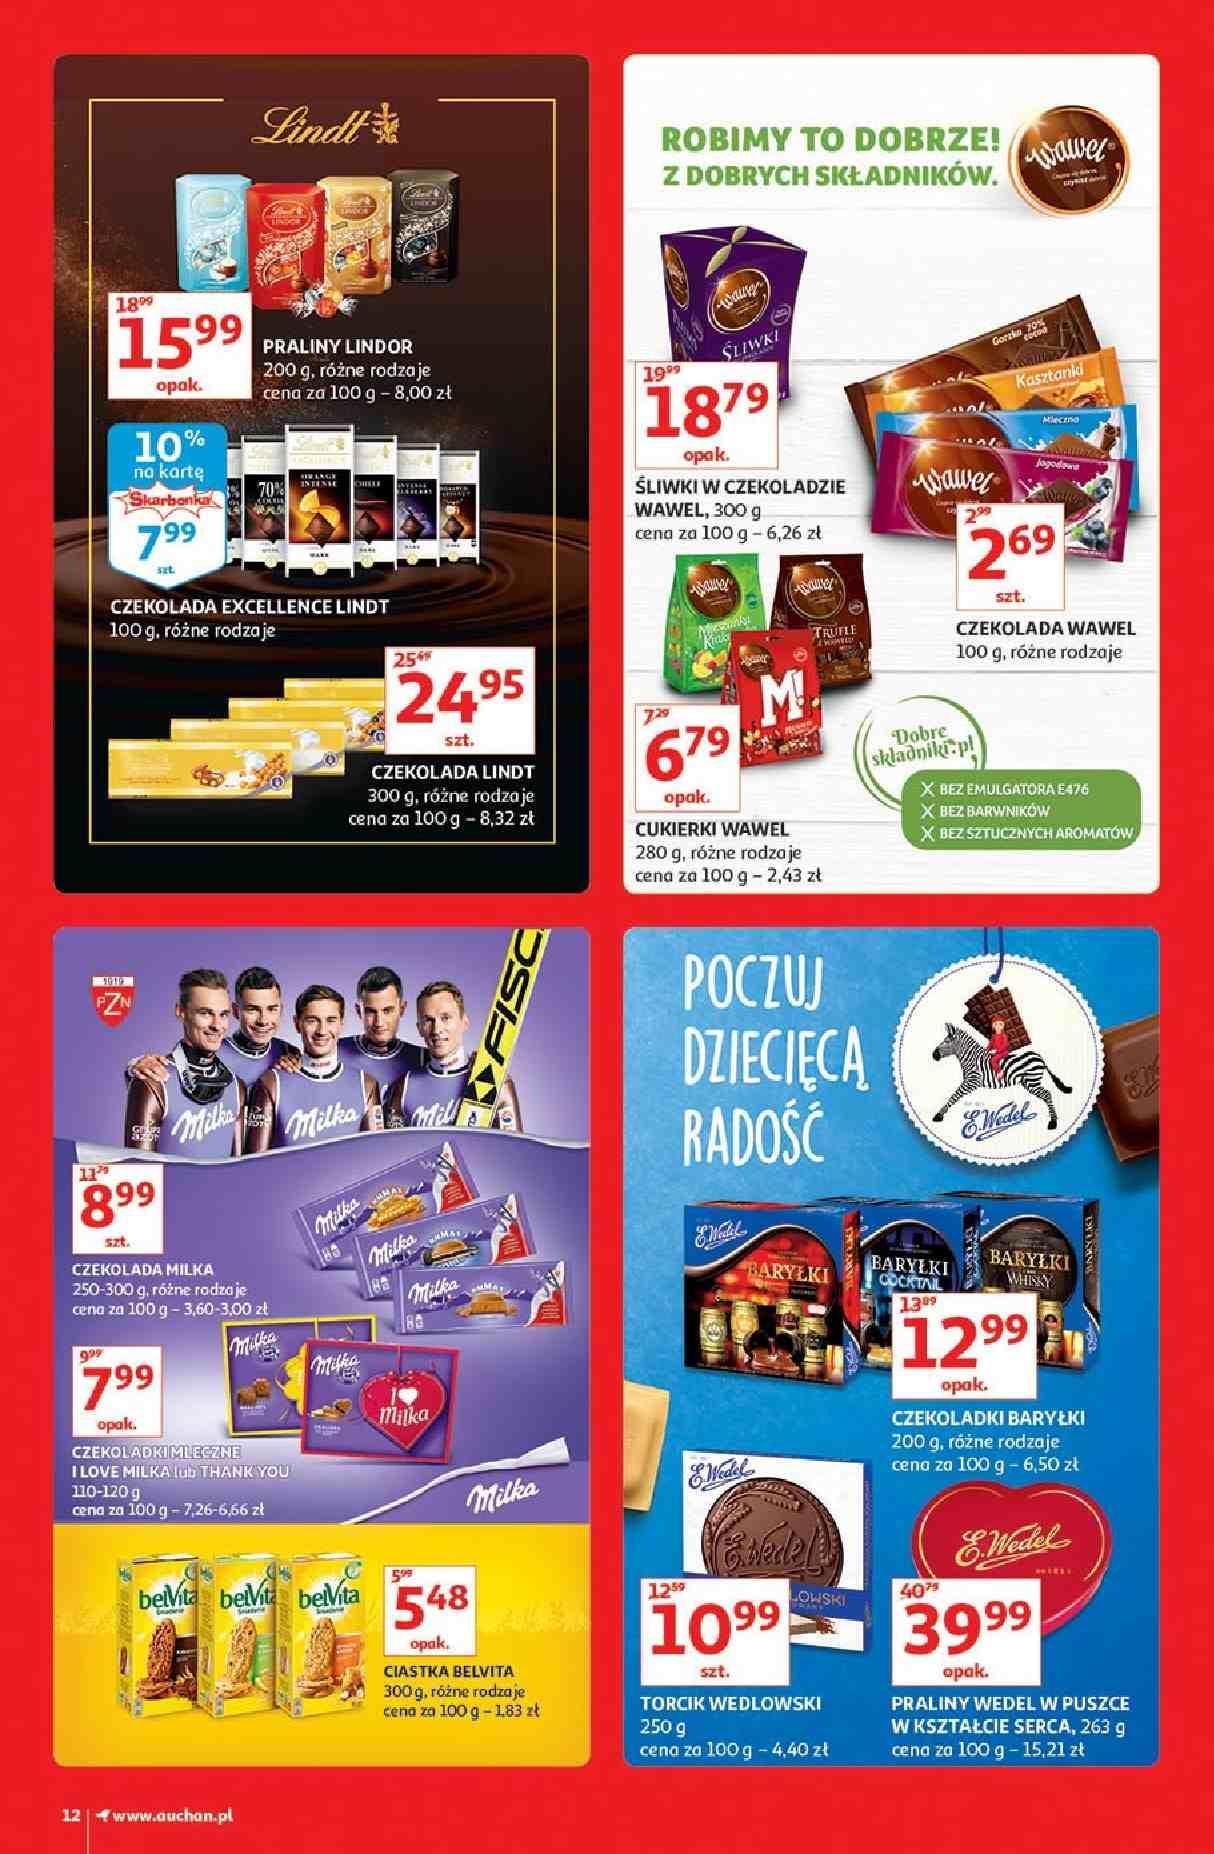 Gazetka promocyjna Auchan do 13/03/2019 str.12